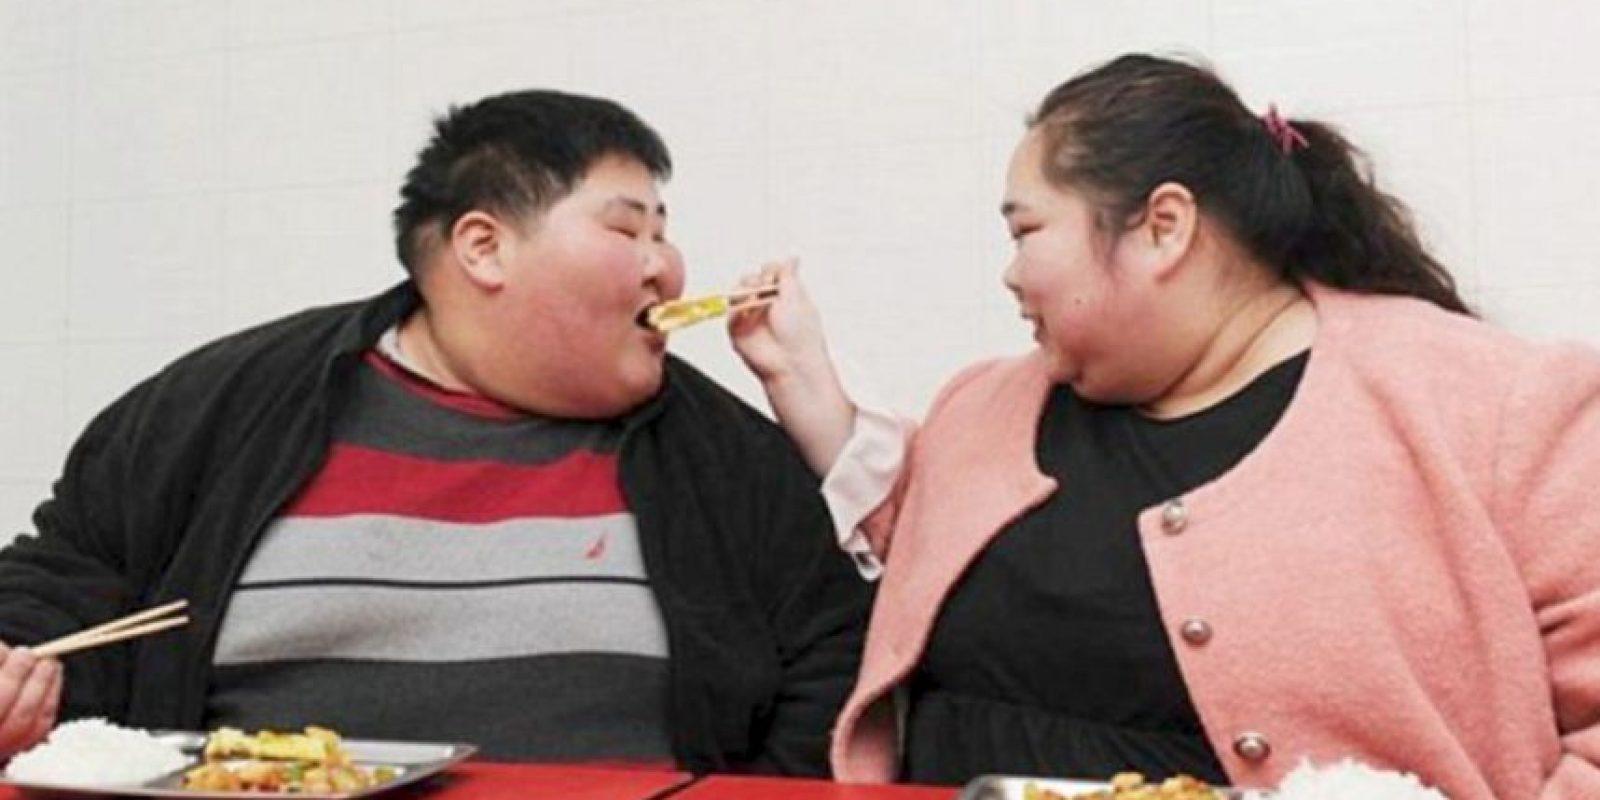 Ovario poliquístico. Especialistas indican que la obesidad es un factor que produce este mal en las mujeres, entre muchas otras. Foto:vía Getty Images